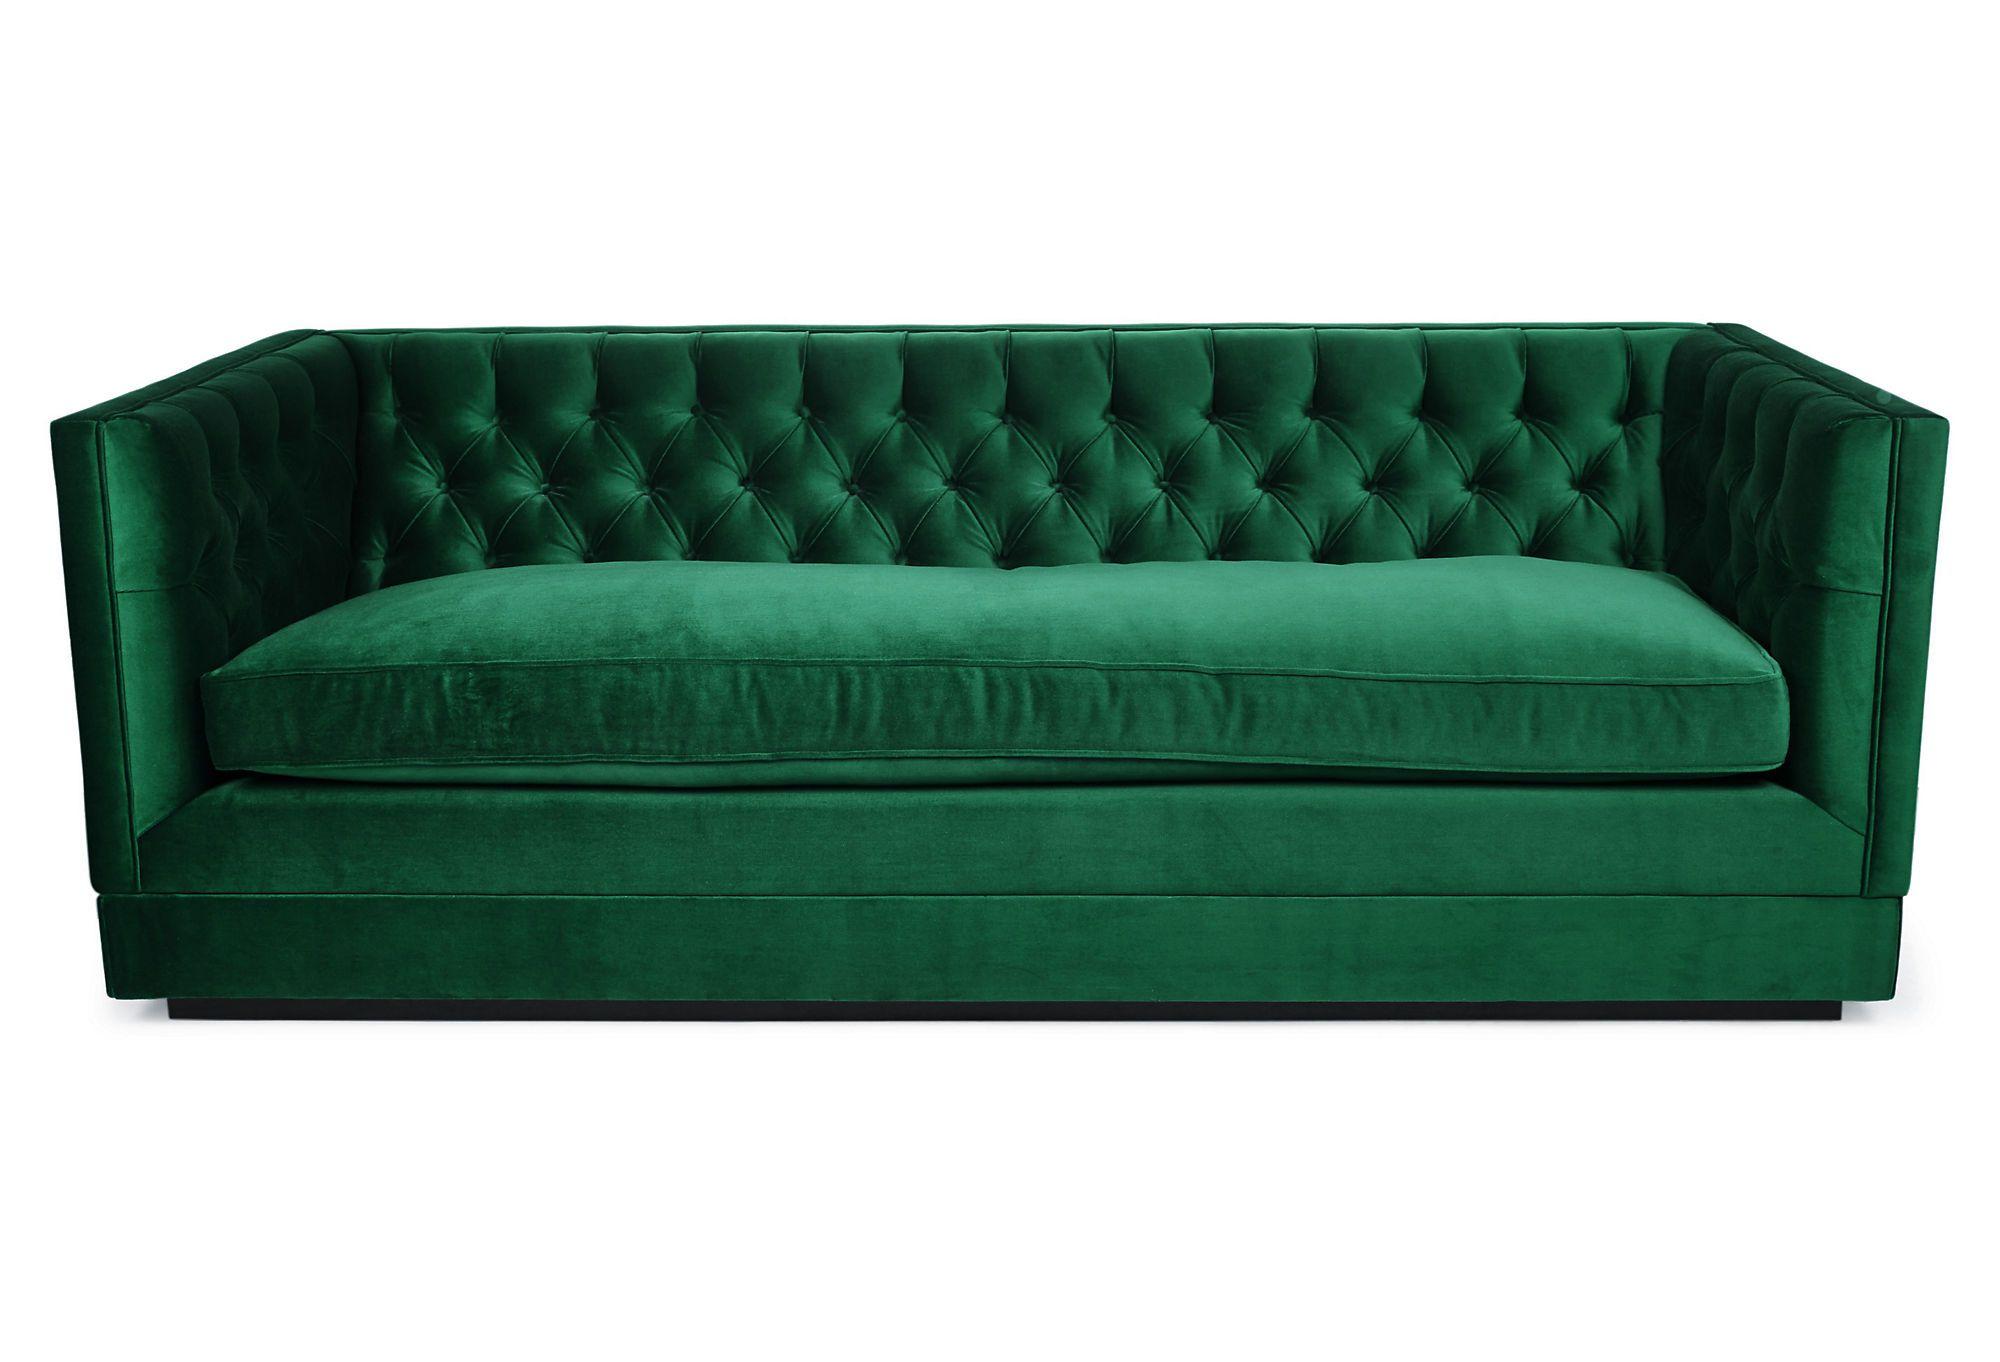 Draper 88 Tufted Velvet Sofa Emerald